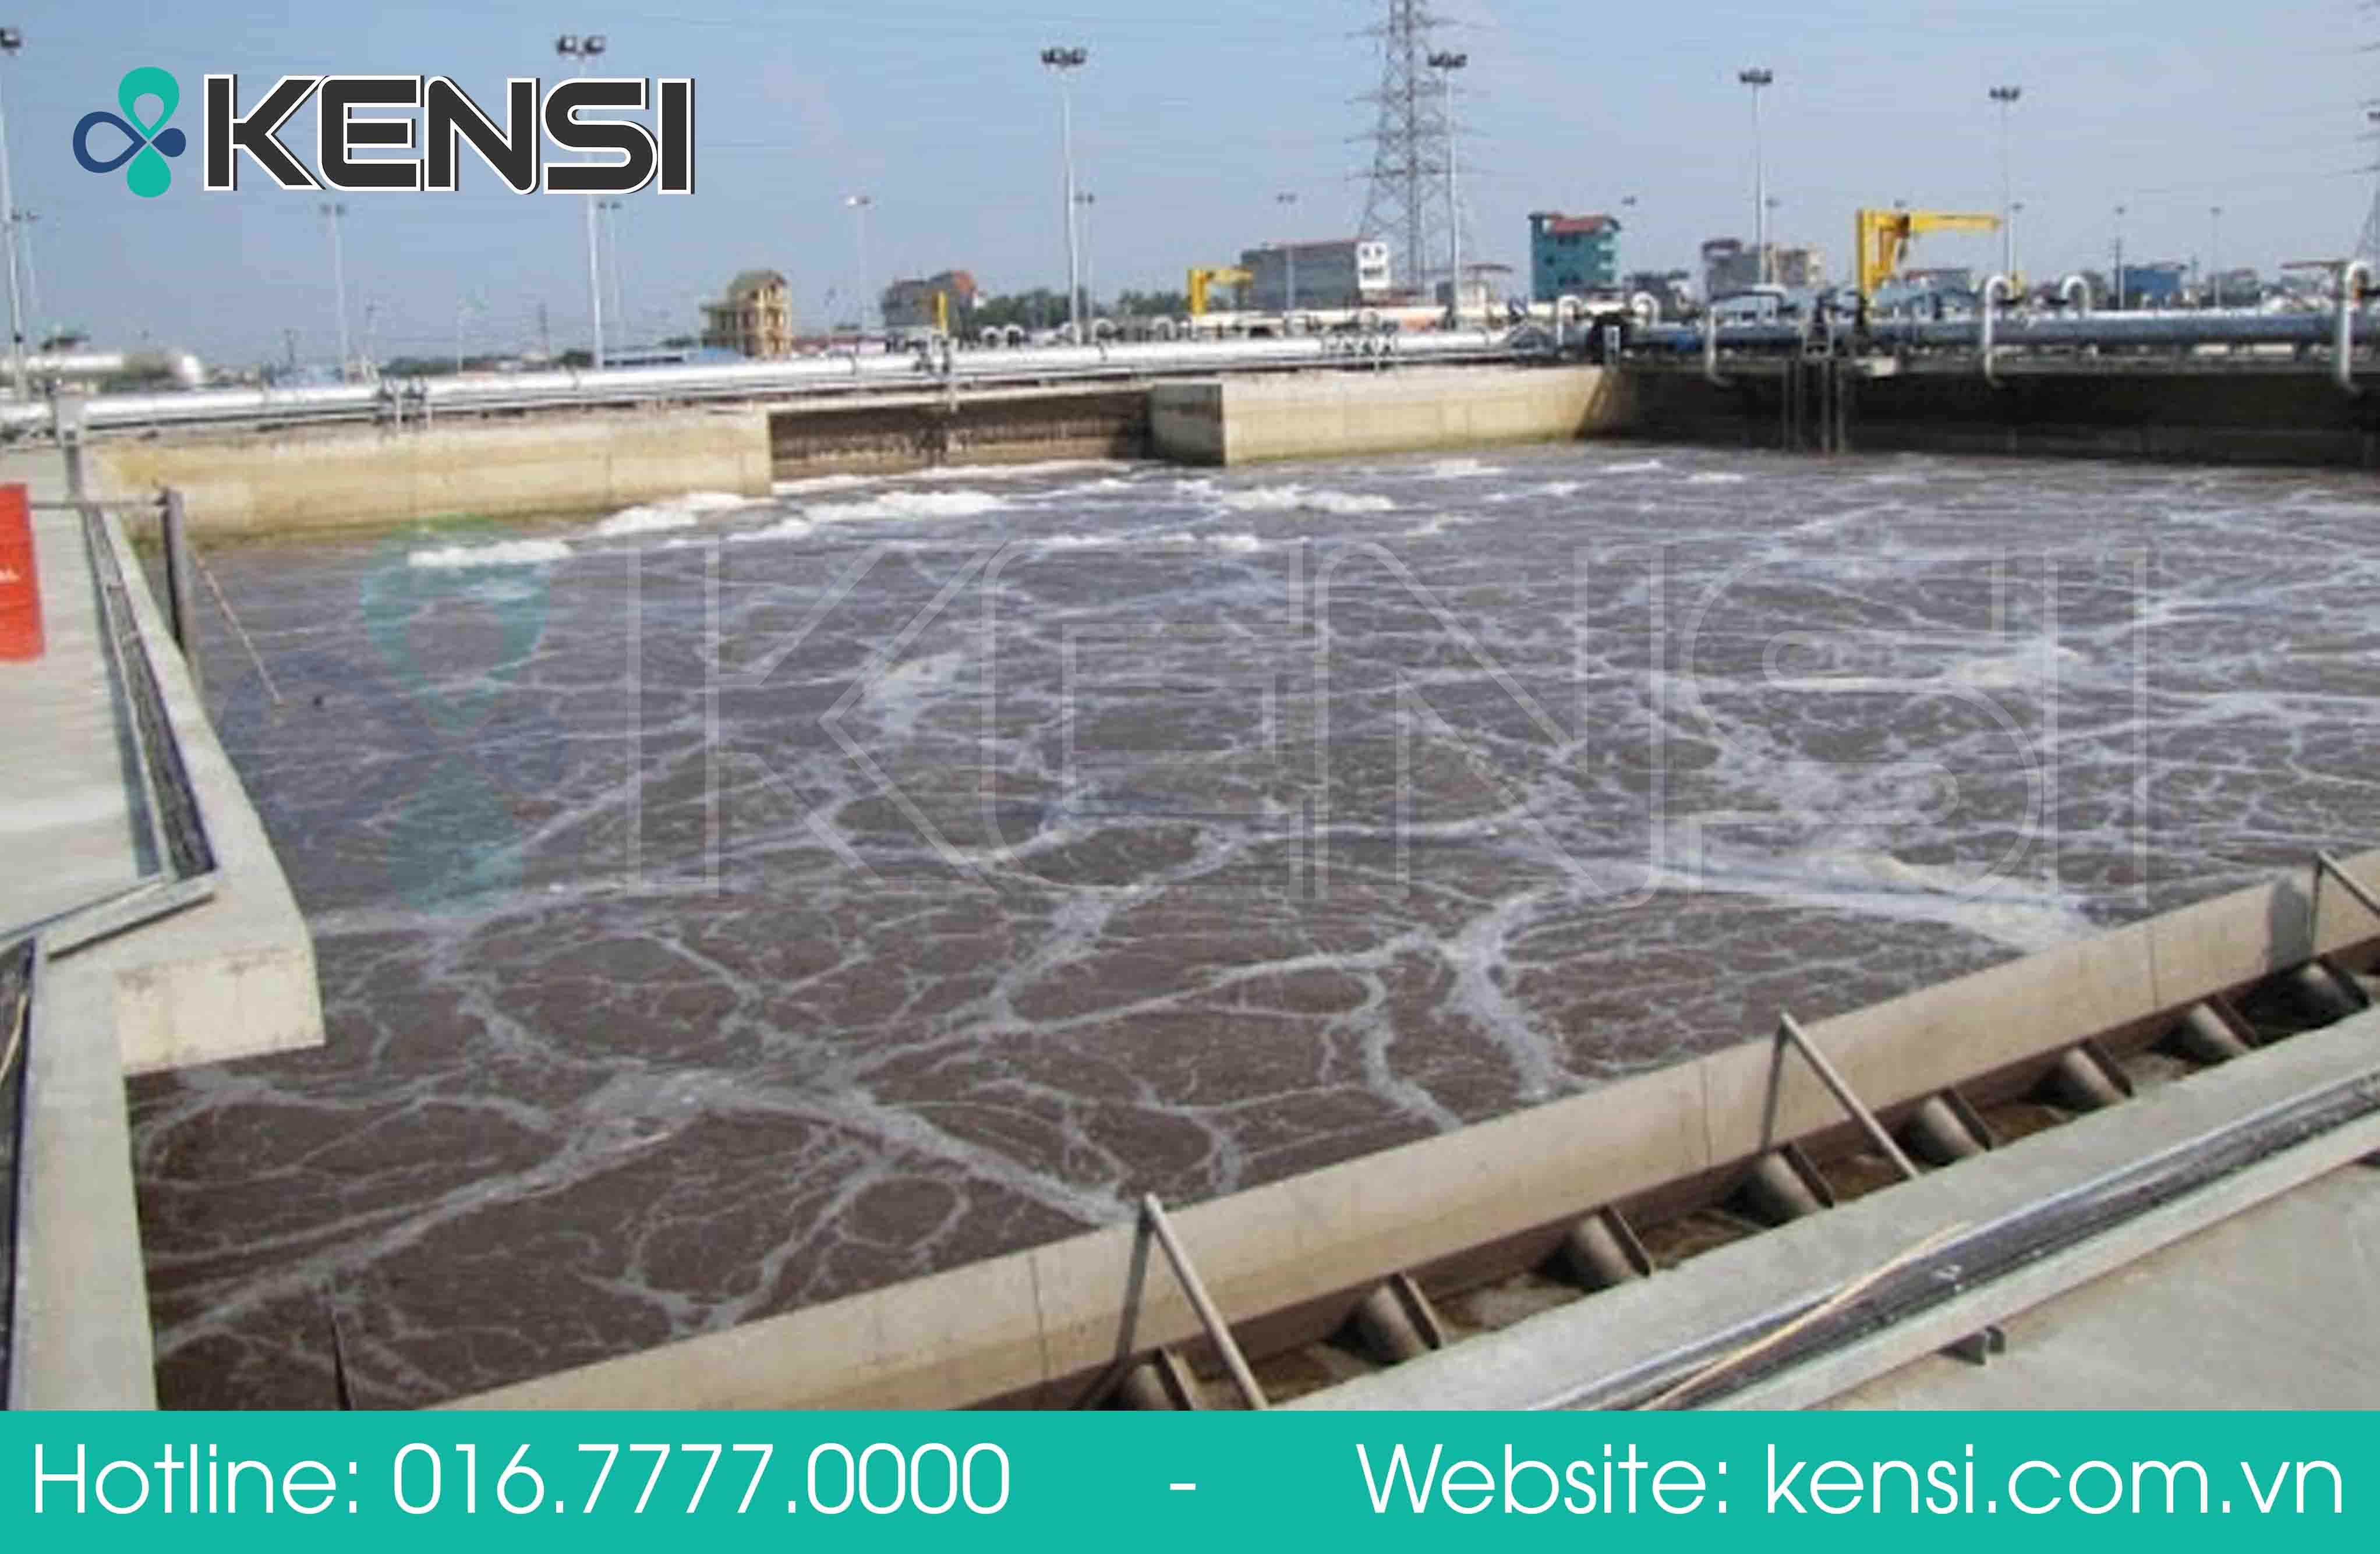 Đảm bảo máy lọc nước chính hãng, mang lại nguồn nước siêu sạch đạt quy chuẩn